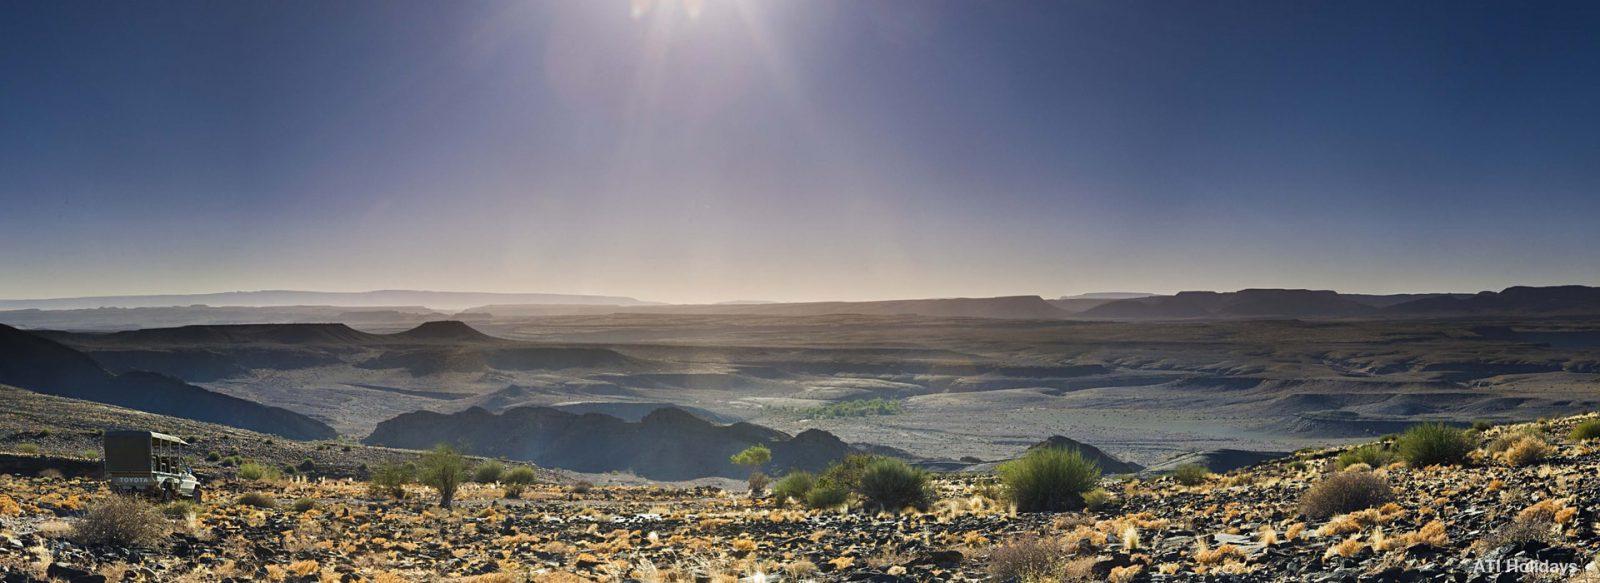 Namibie – Ivresse au bord du monde